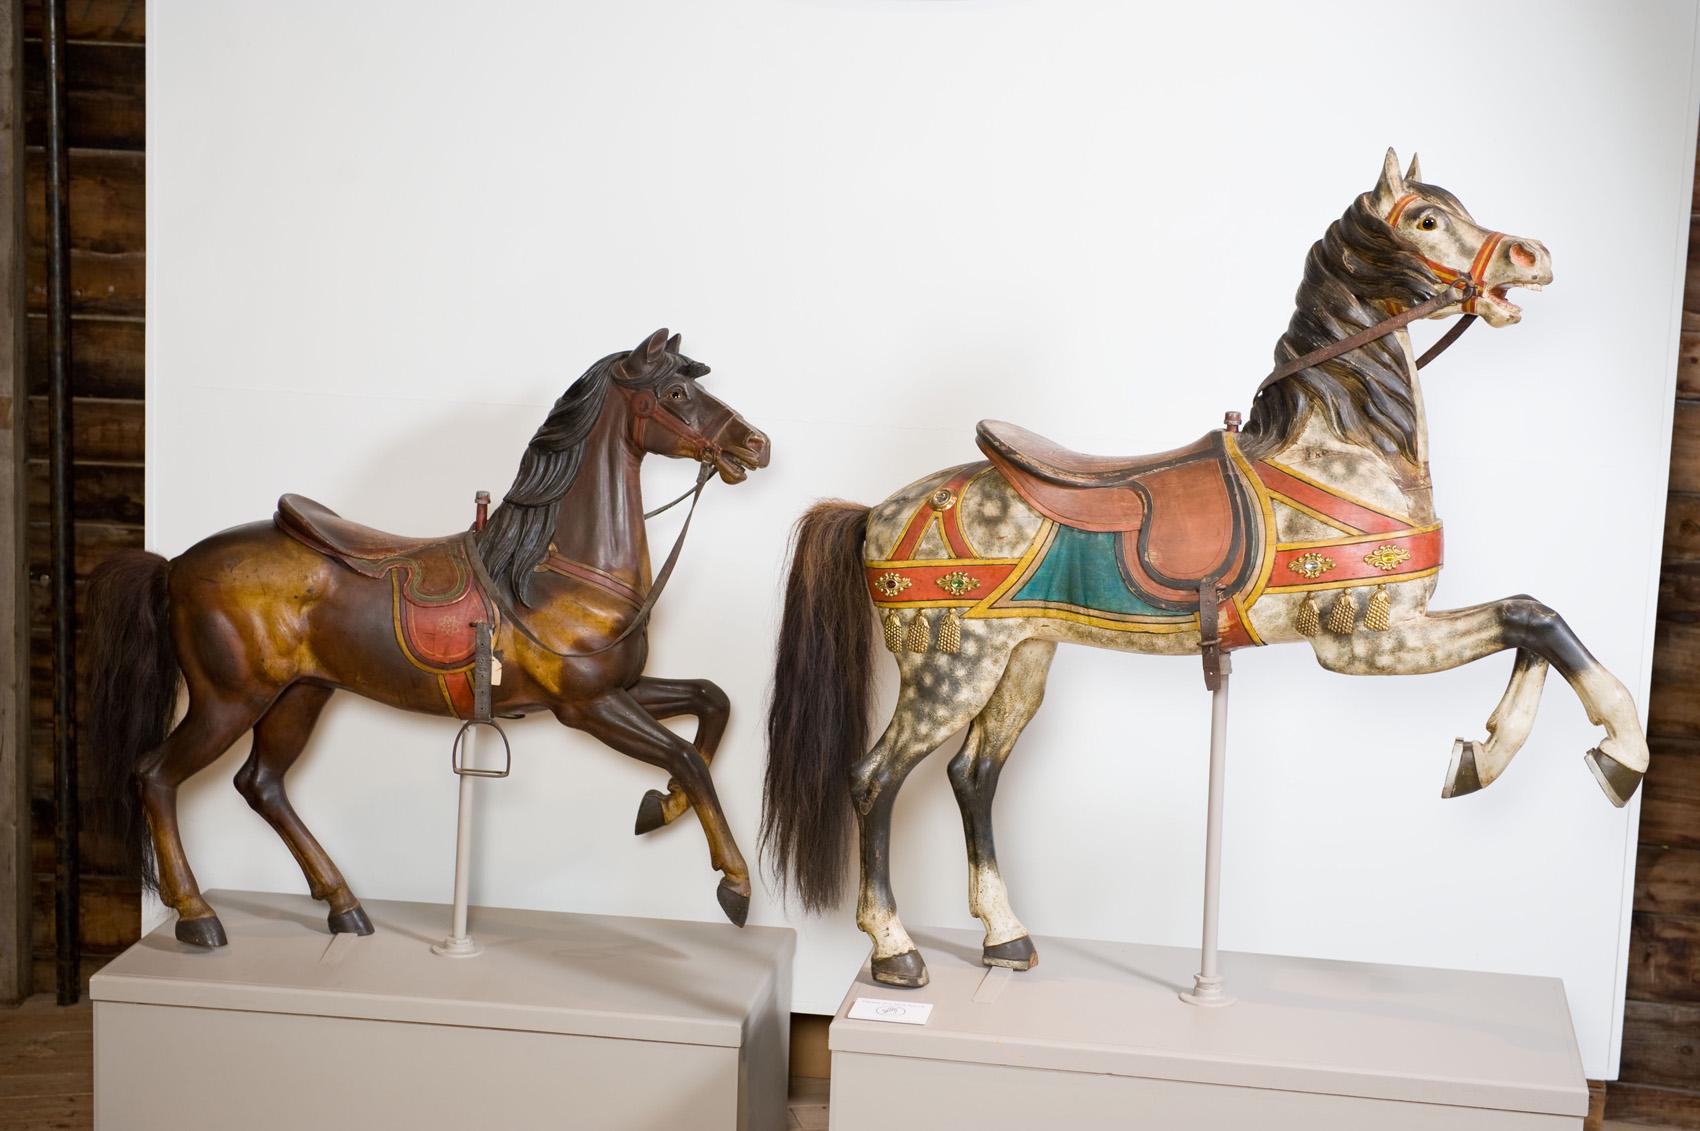 Shelburne-Museum-VT-historic-Dentzel-carousel-horses